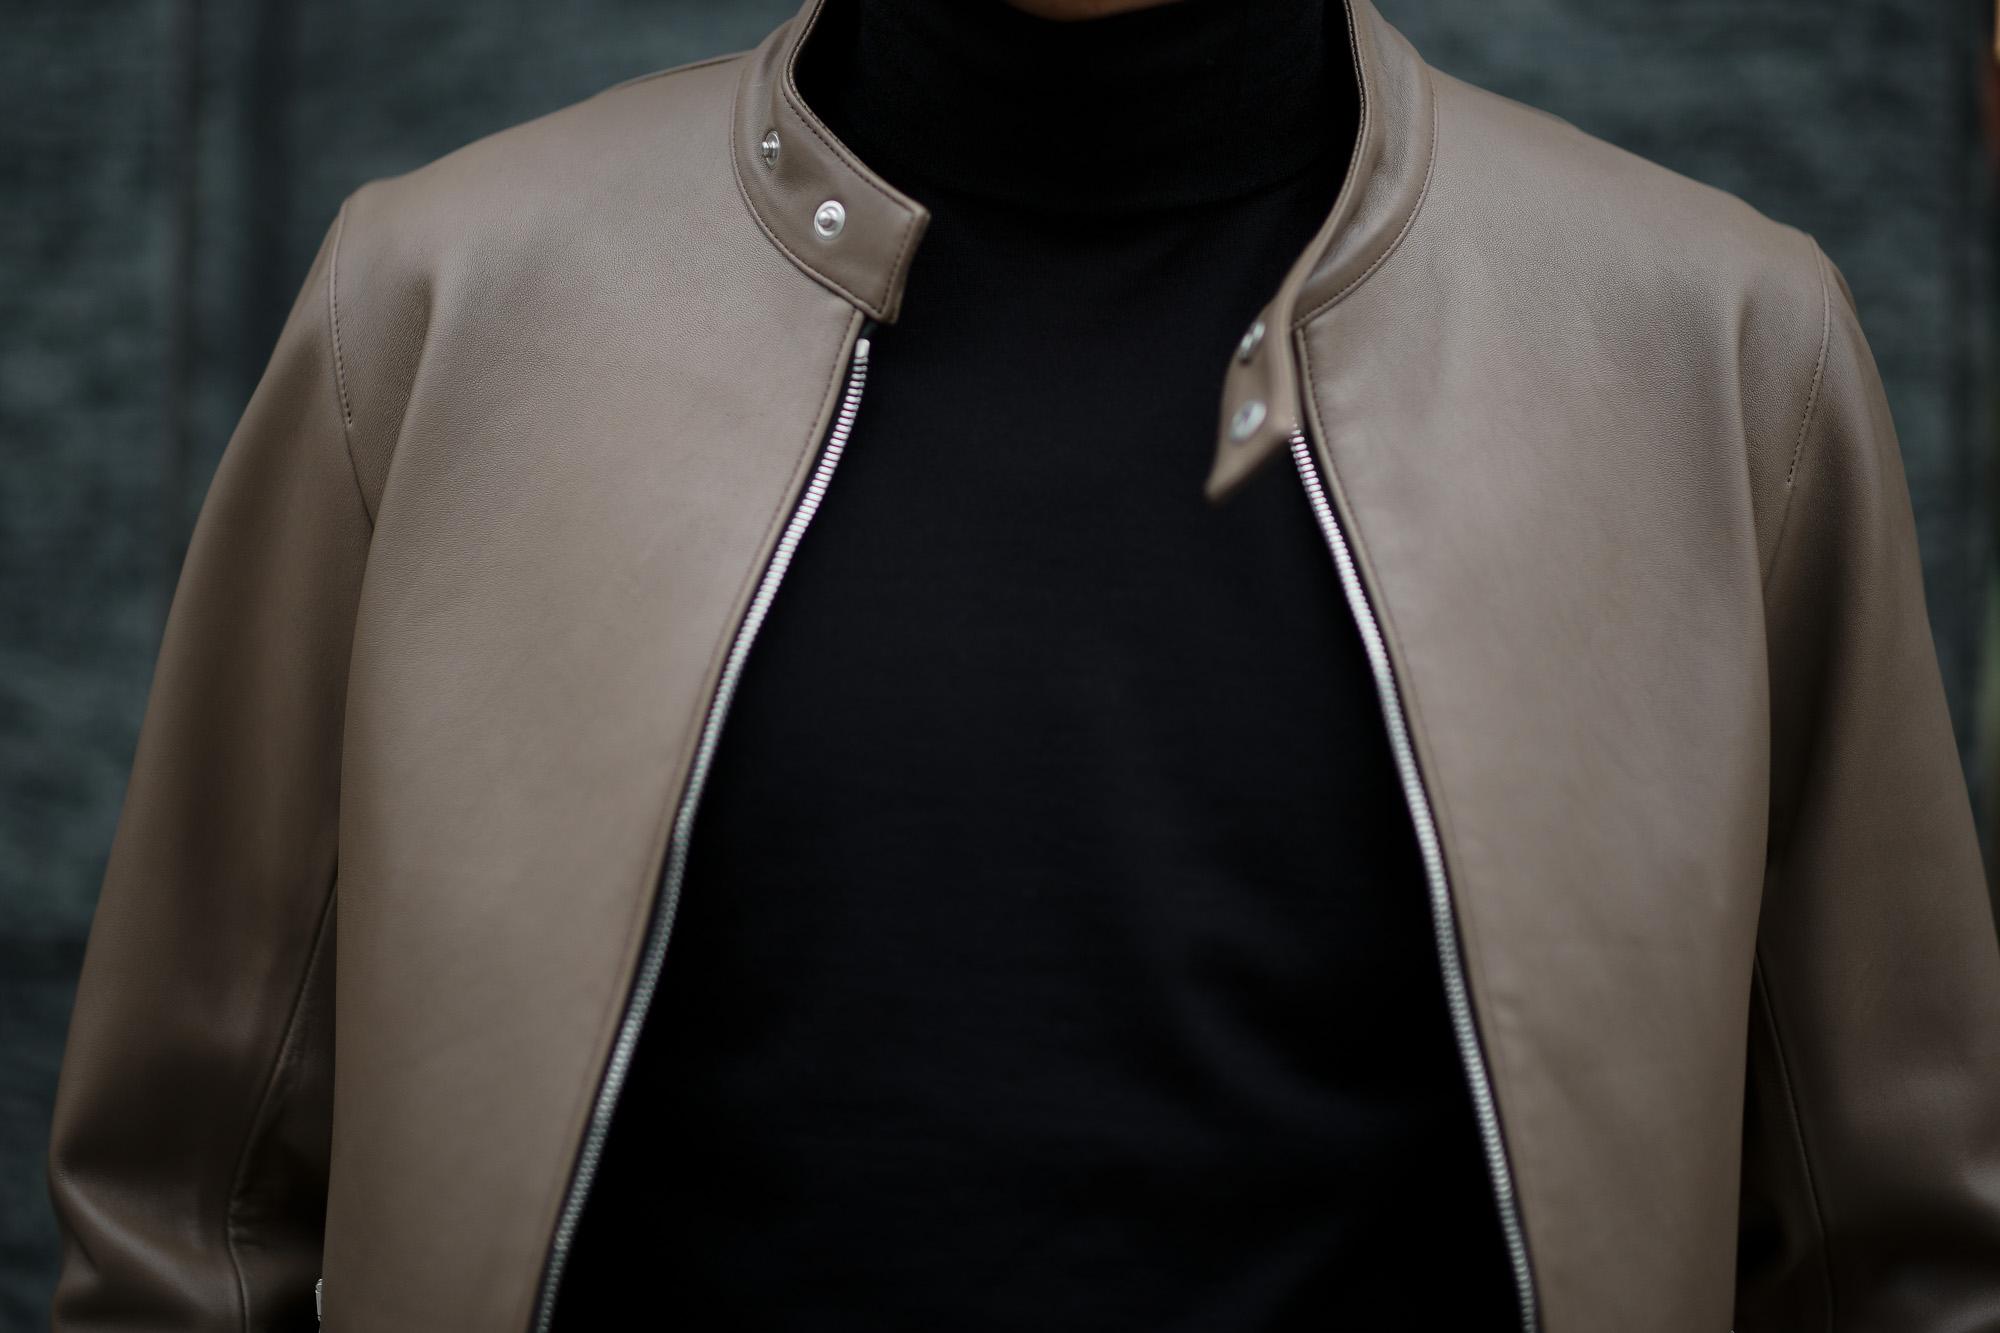 Georges de Patricia (ジョルジュ ド パトリシア) Carrera (カレラ) 925 STERLING SILVER (925 スターリングシルバー) Super Soft Sheepskin シングル ライダース ジャケット GREGE (グレージュ) 2019 春夏新作 【限定スペシャルカラー】 georgesdepatricia ジョルジュドパトリシア カレラ ポルシェ  愛知 alto e diritto アルトエデリット altoediritto